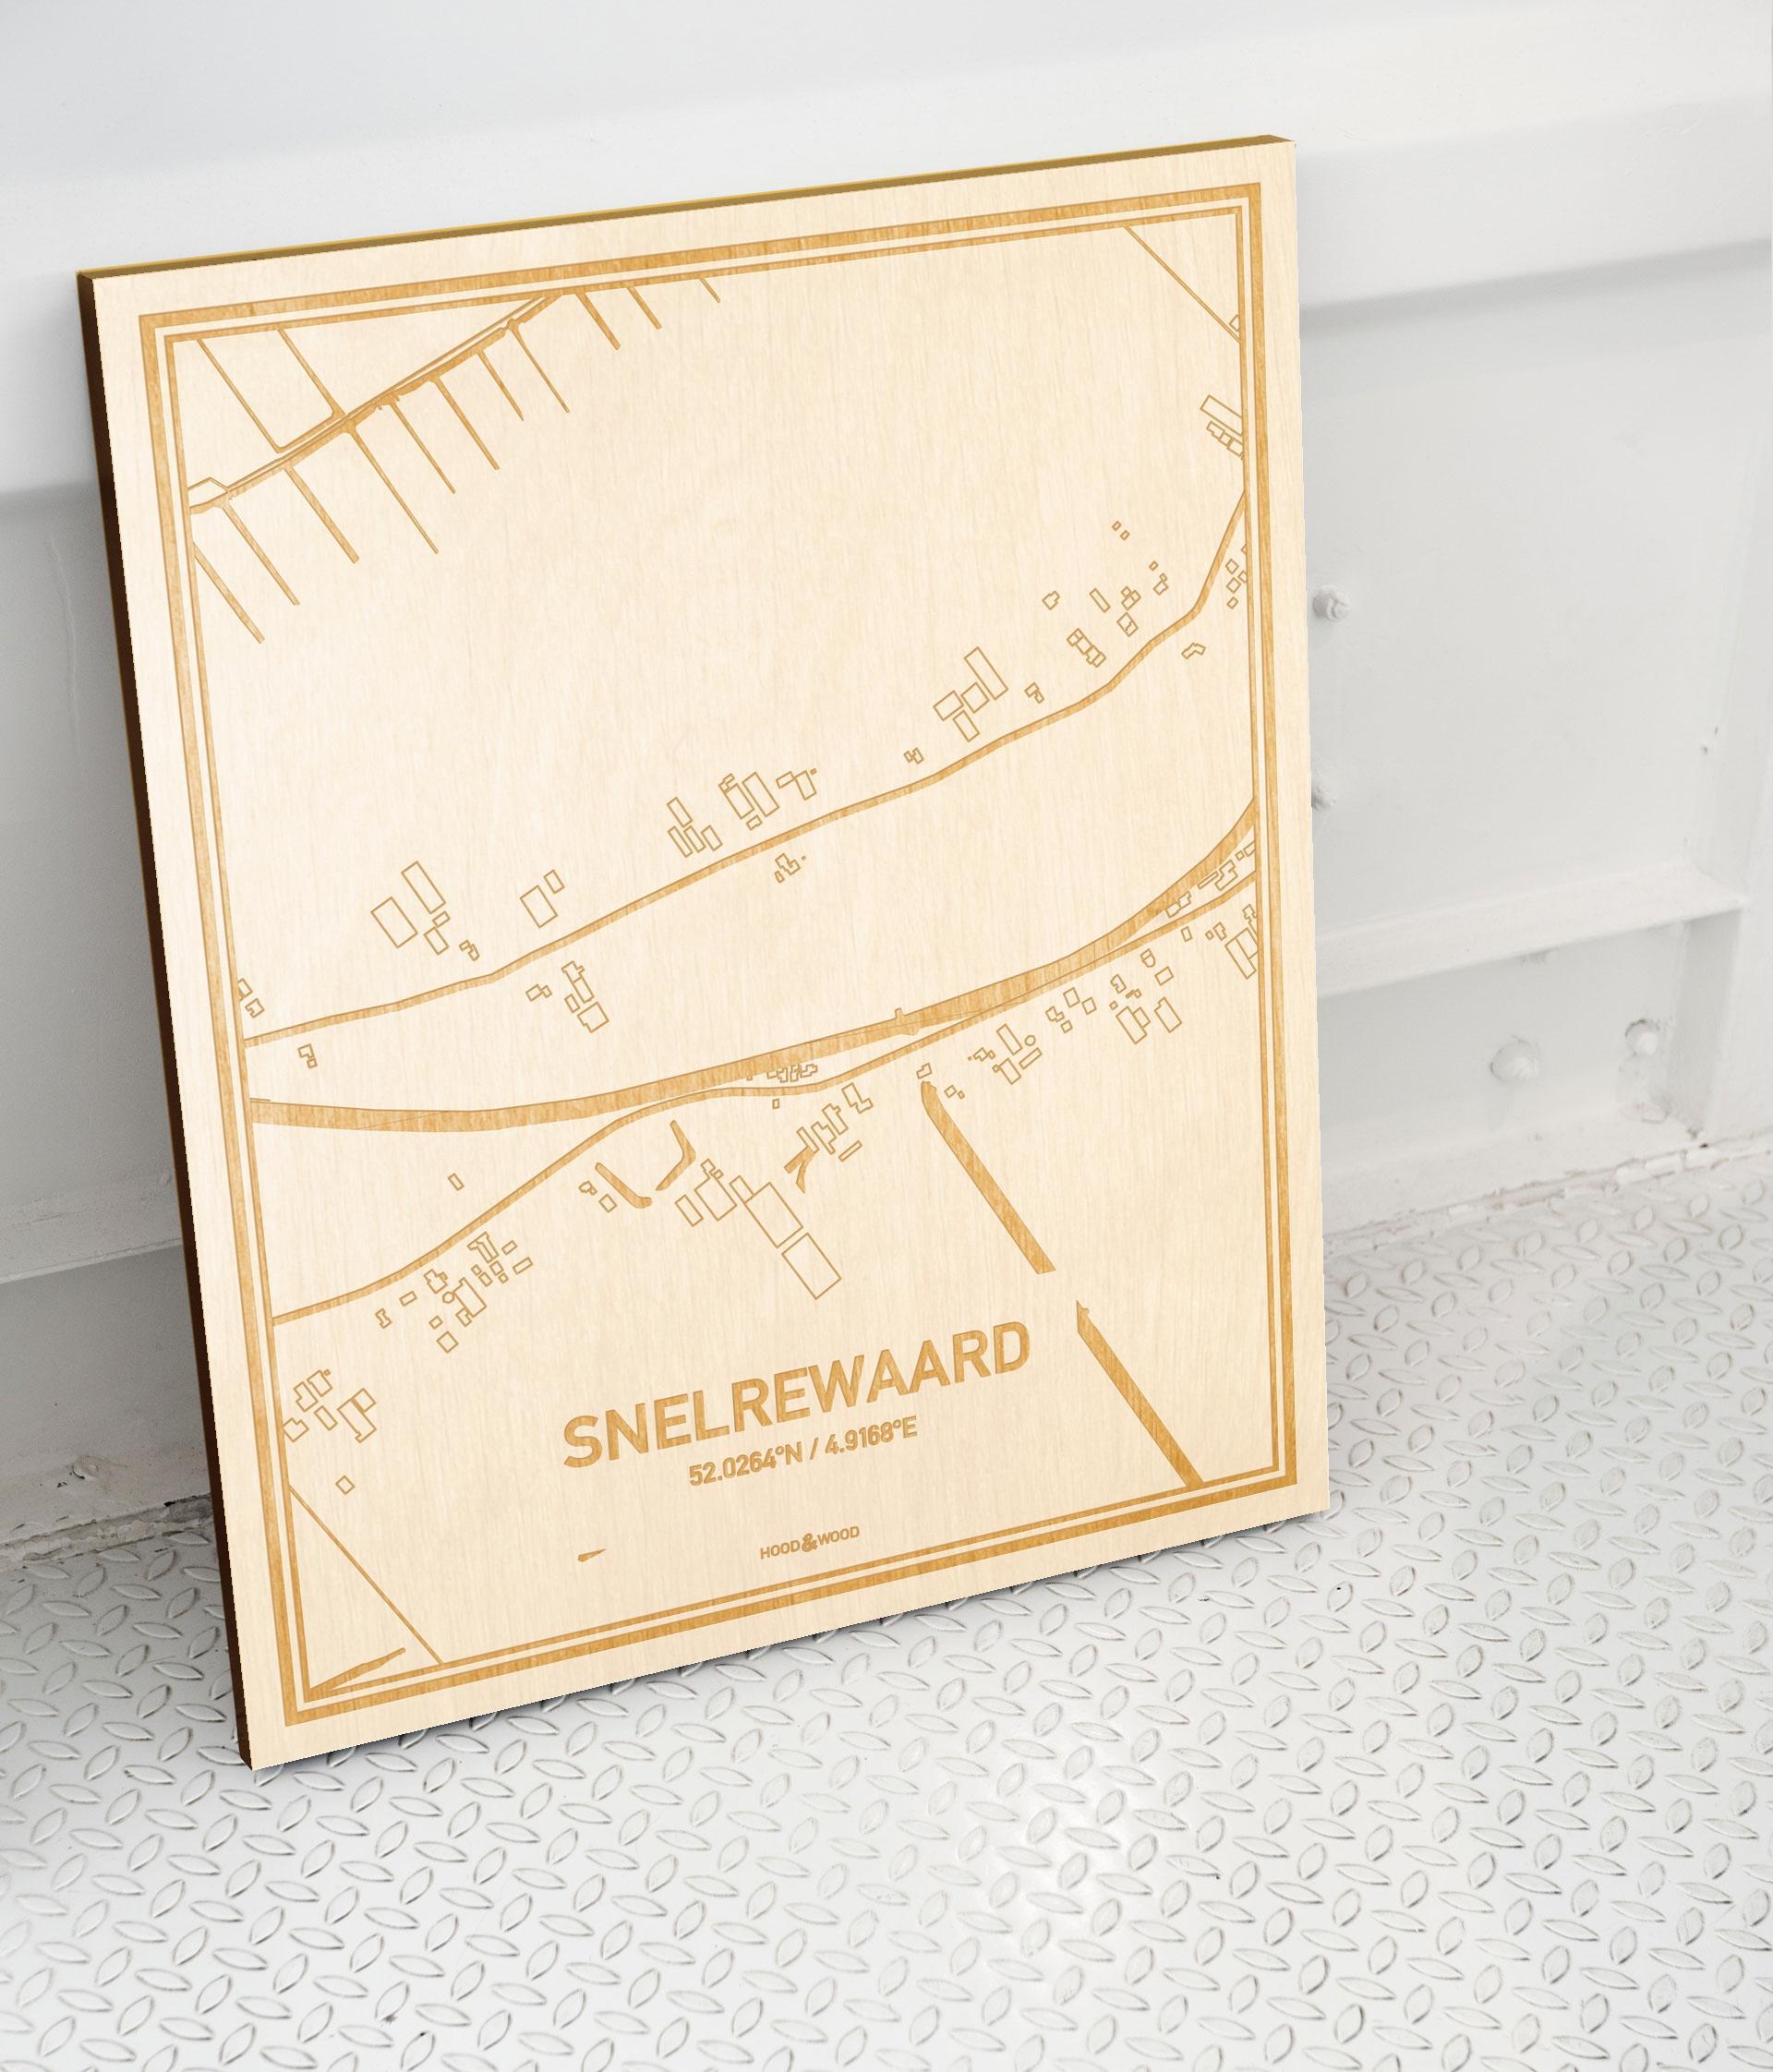 Plattegrond Snelrewaard als prachtige houten wanddecoratie. Het warme hout contrasteert mooi met de witte muur.